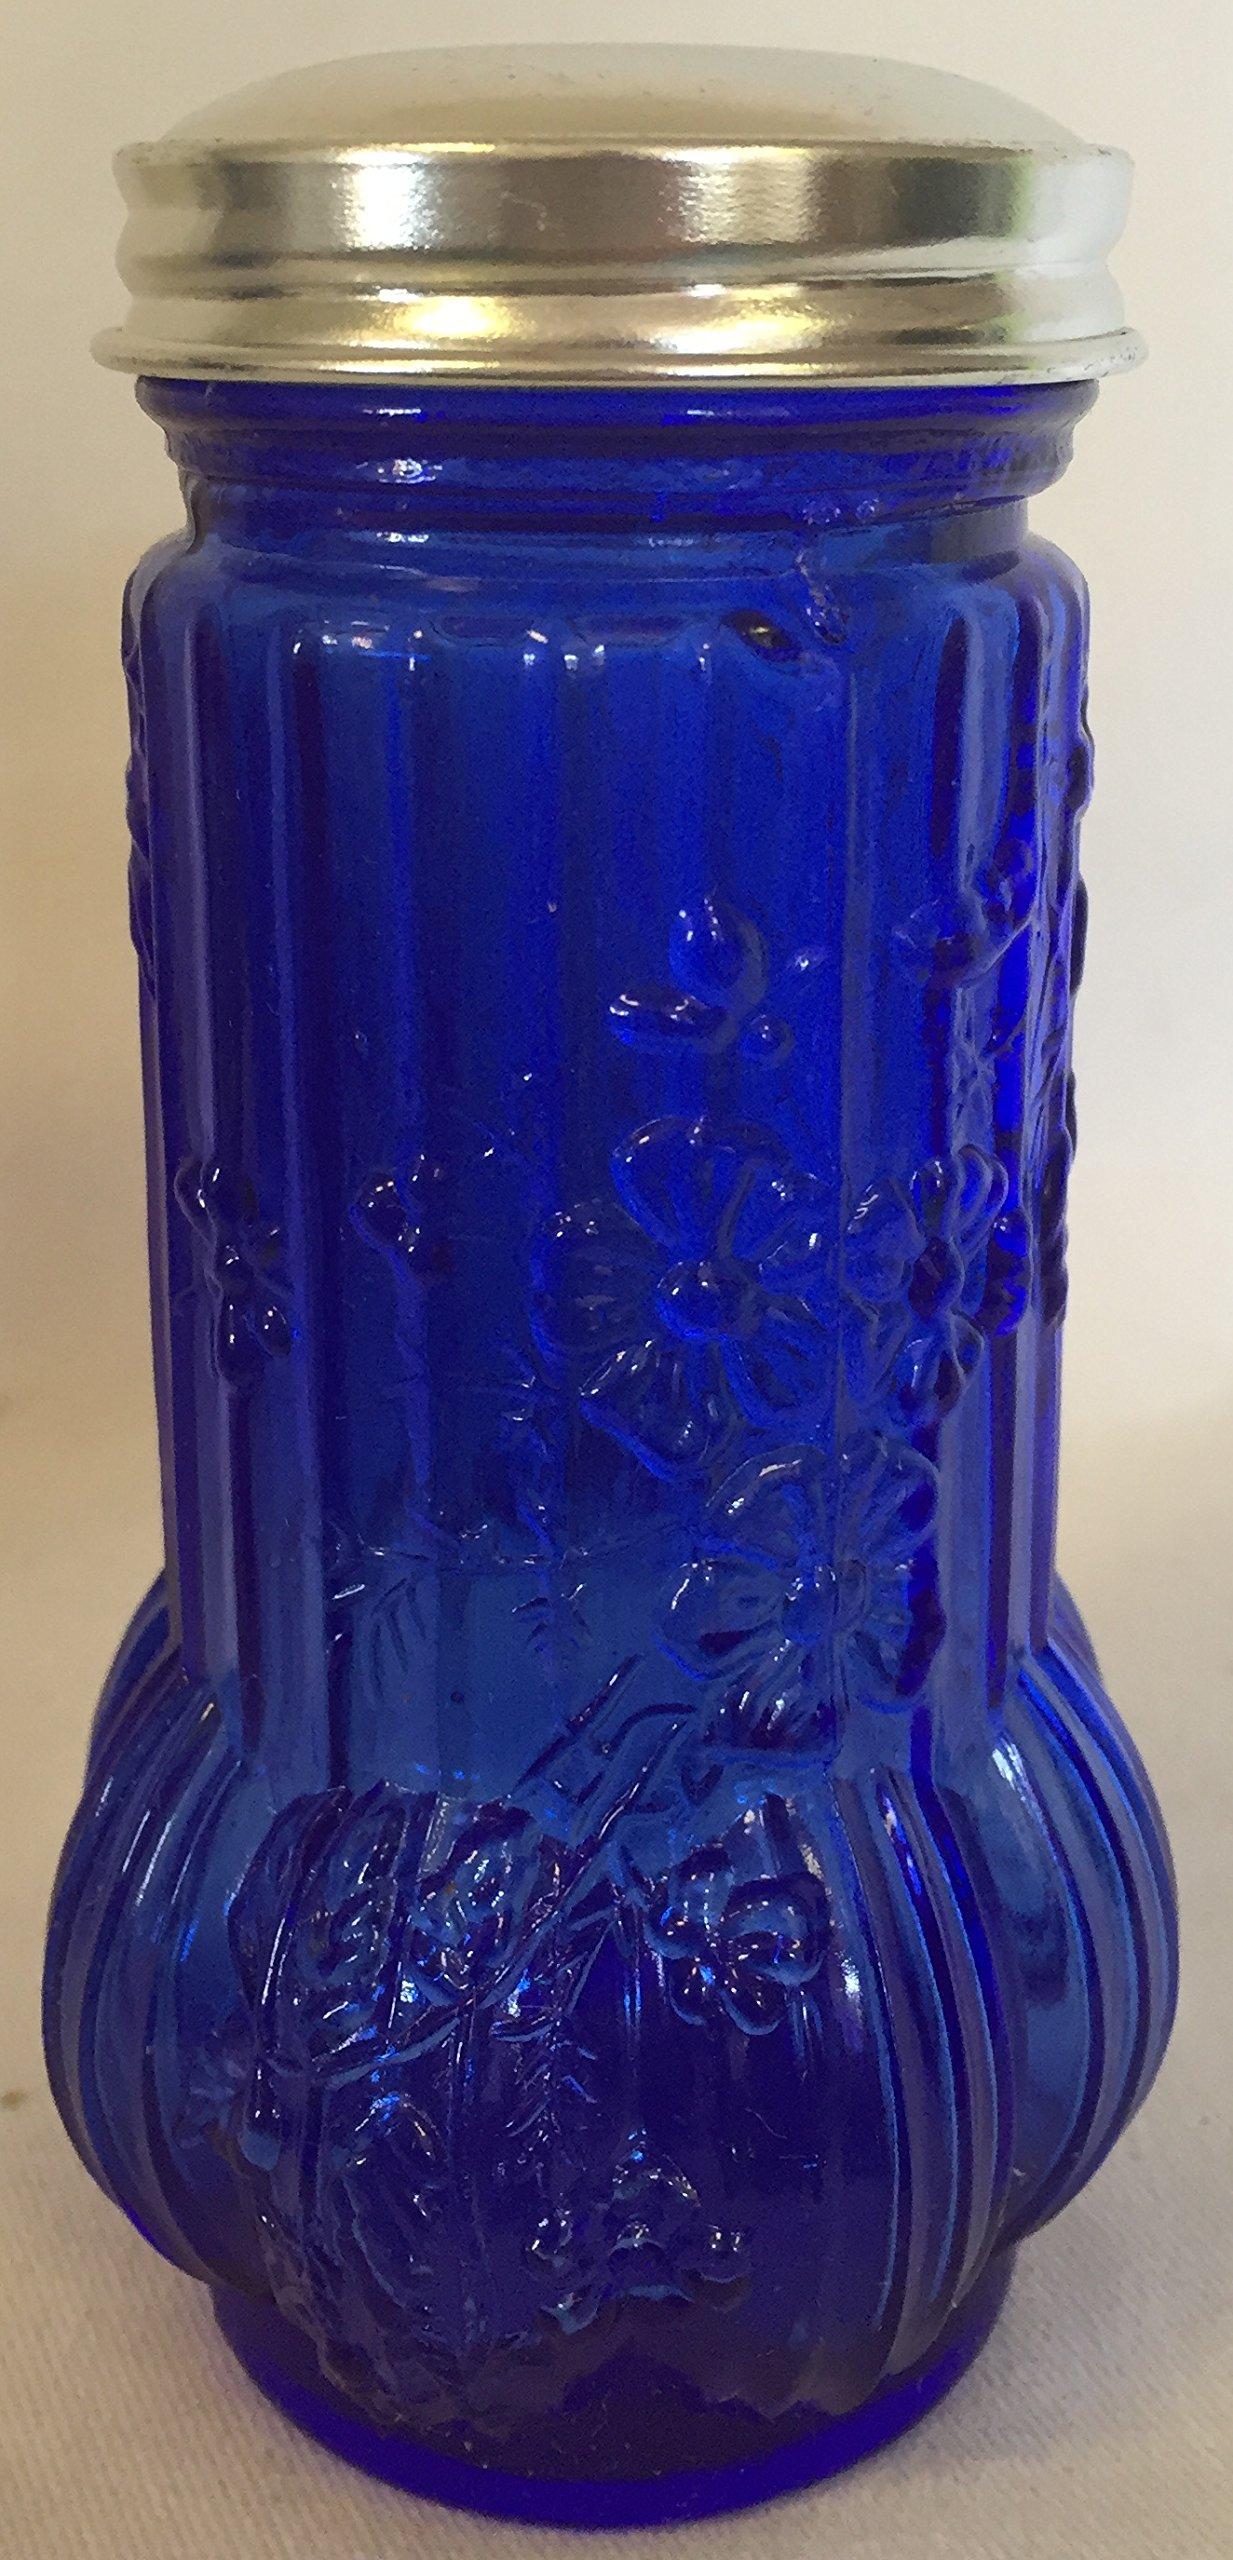 Cobalt Blue Glass Floral Sugar Shaker